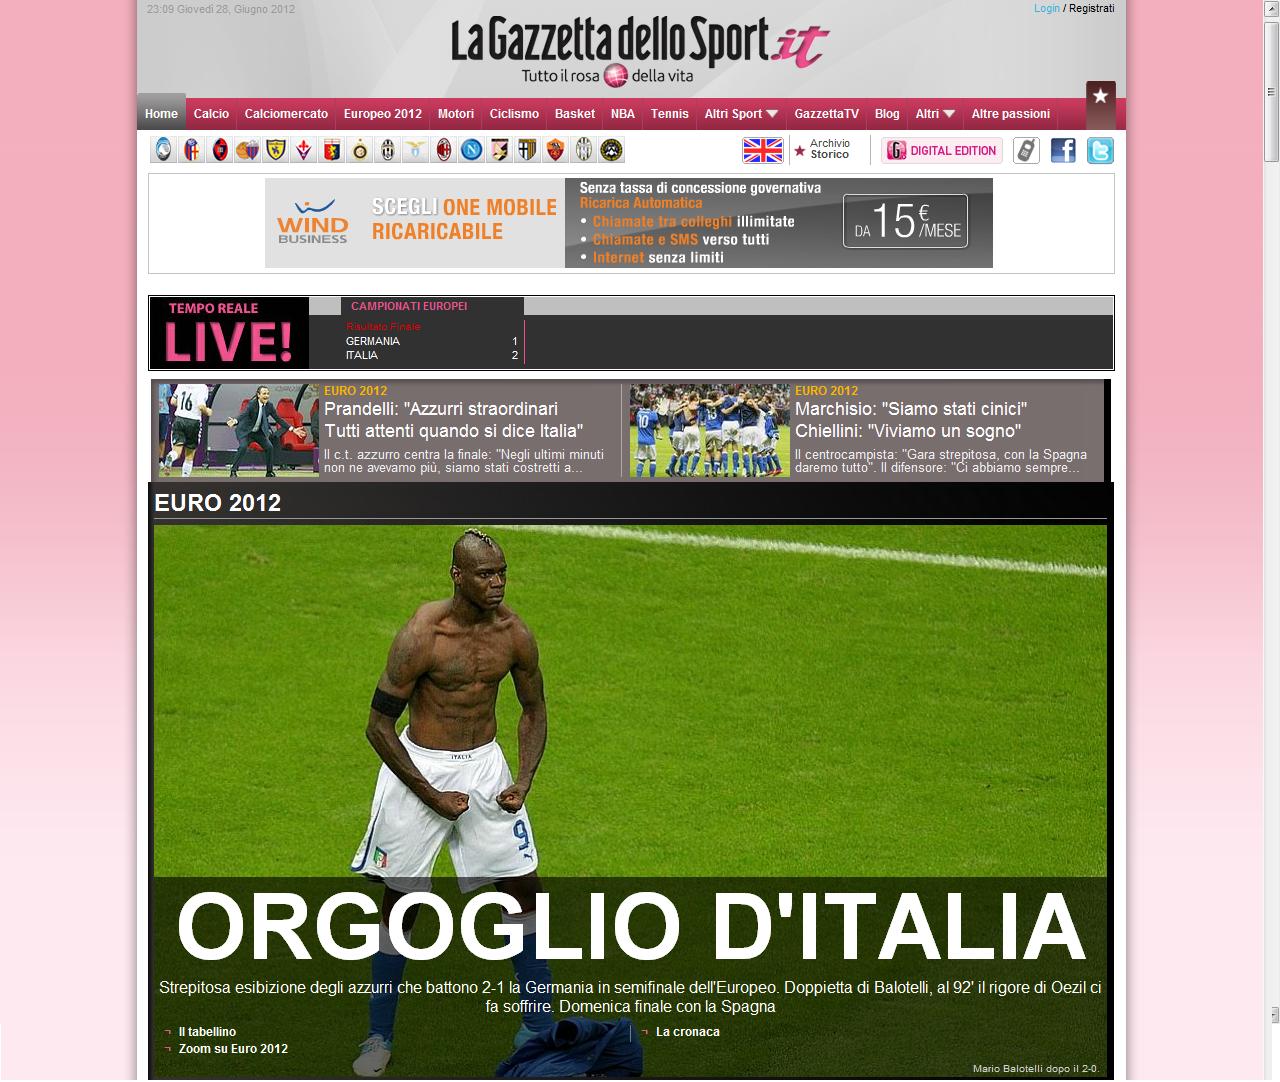 Gazzetta.it - Orgoglio d'Italia